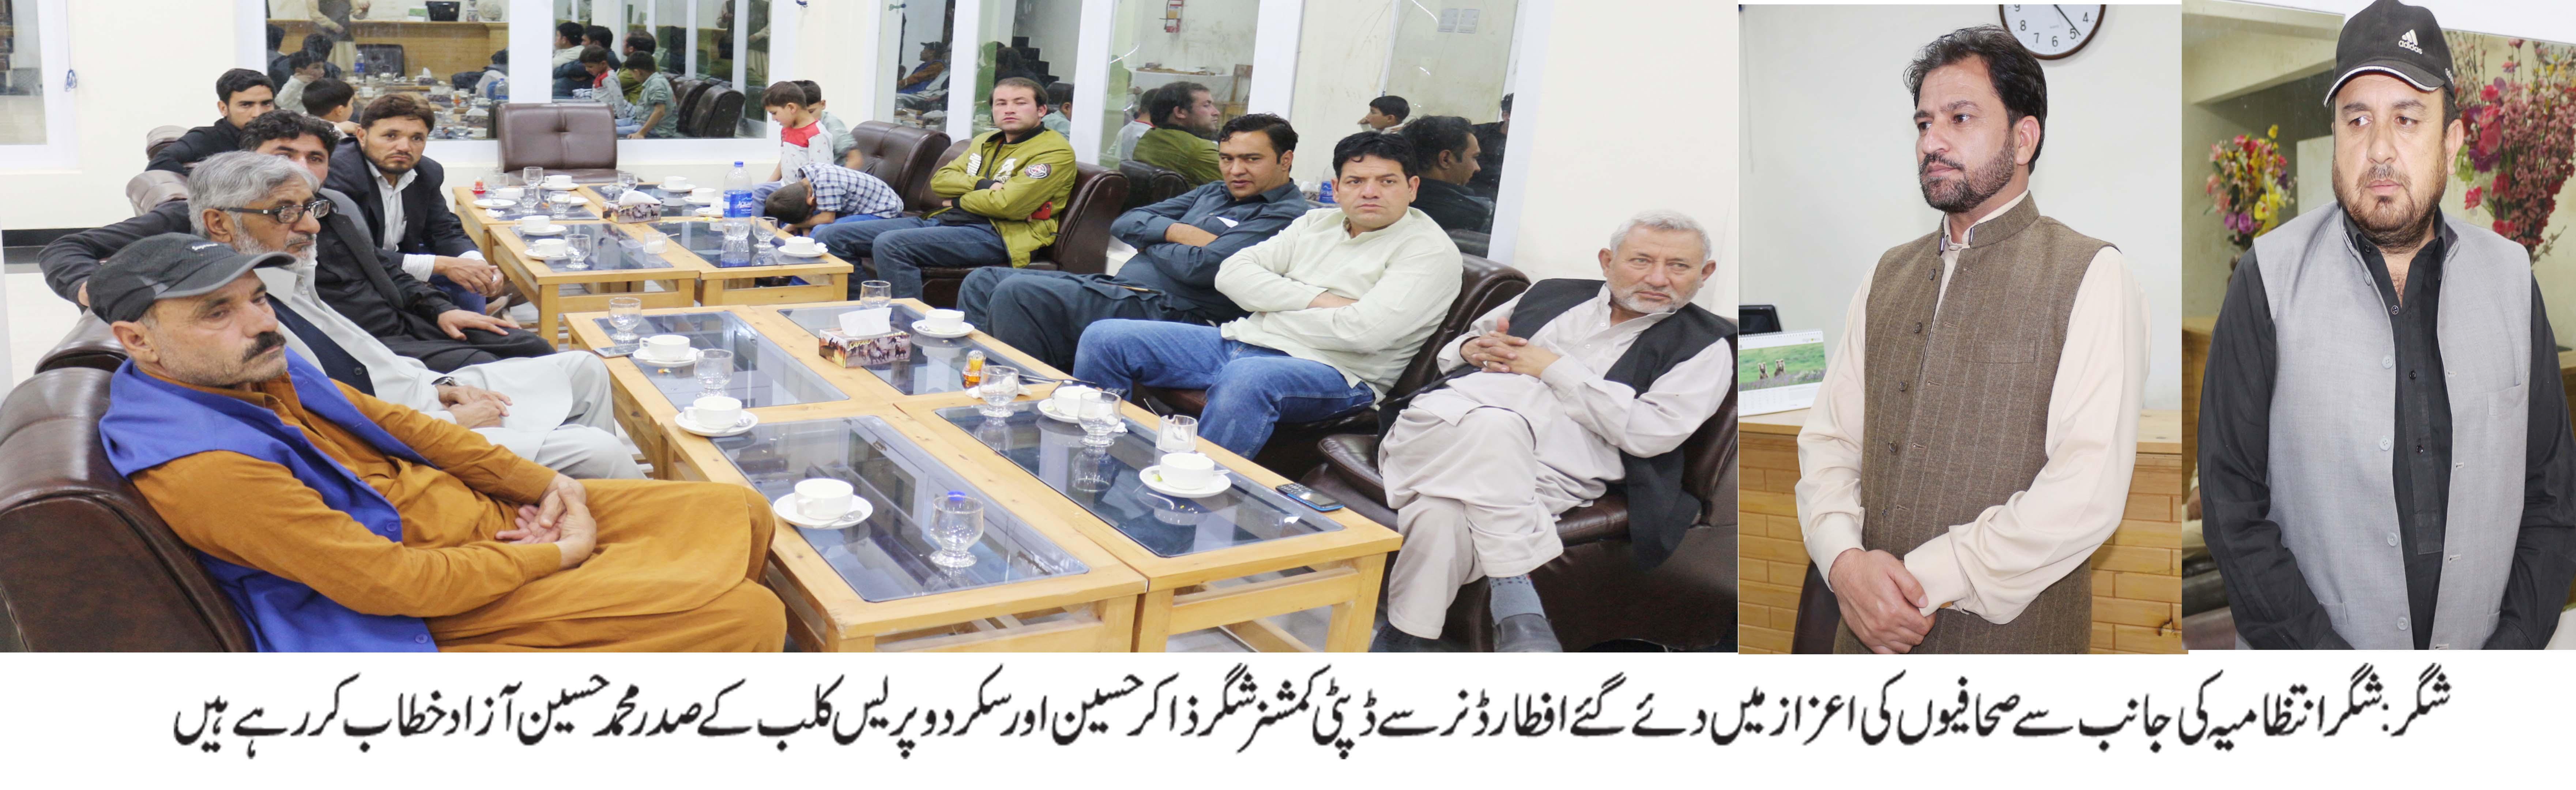 ضلعی انتظایہ شگر نے صحافیوں کے اعزاز میں افطار ڈنر کا اہتمام کیا